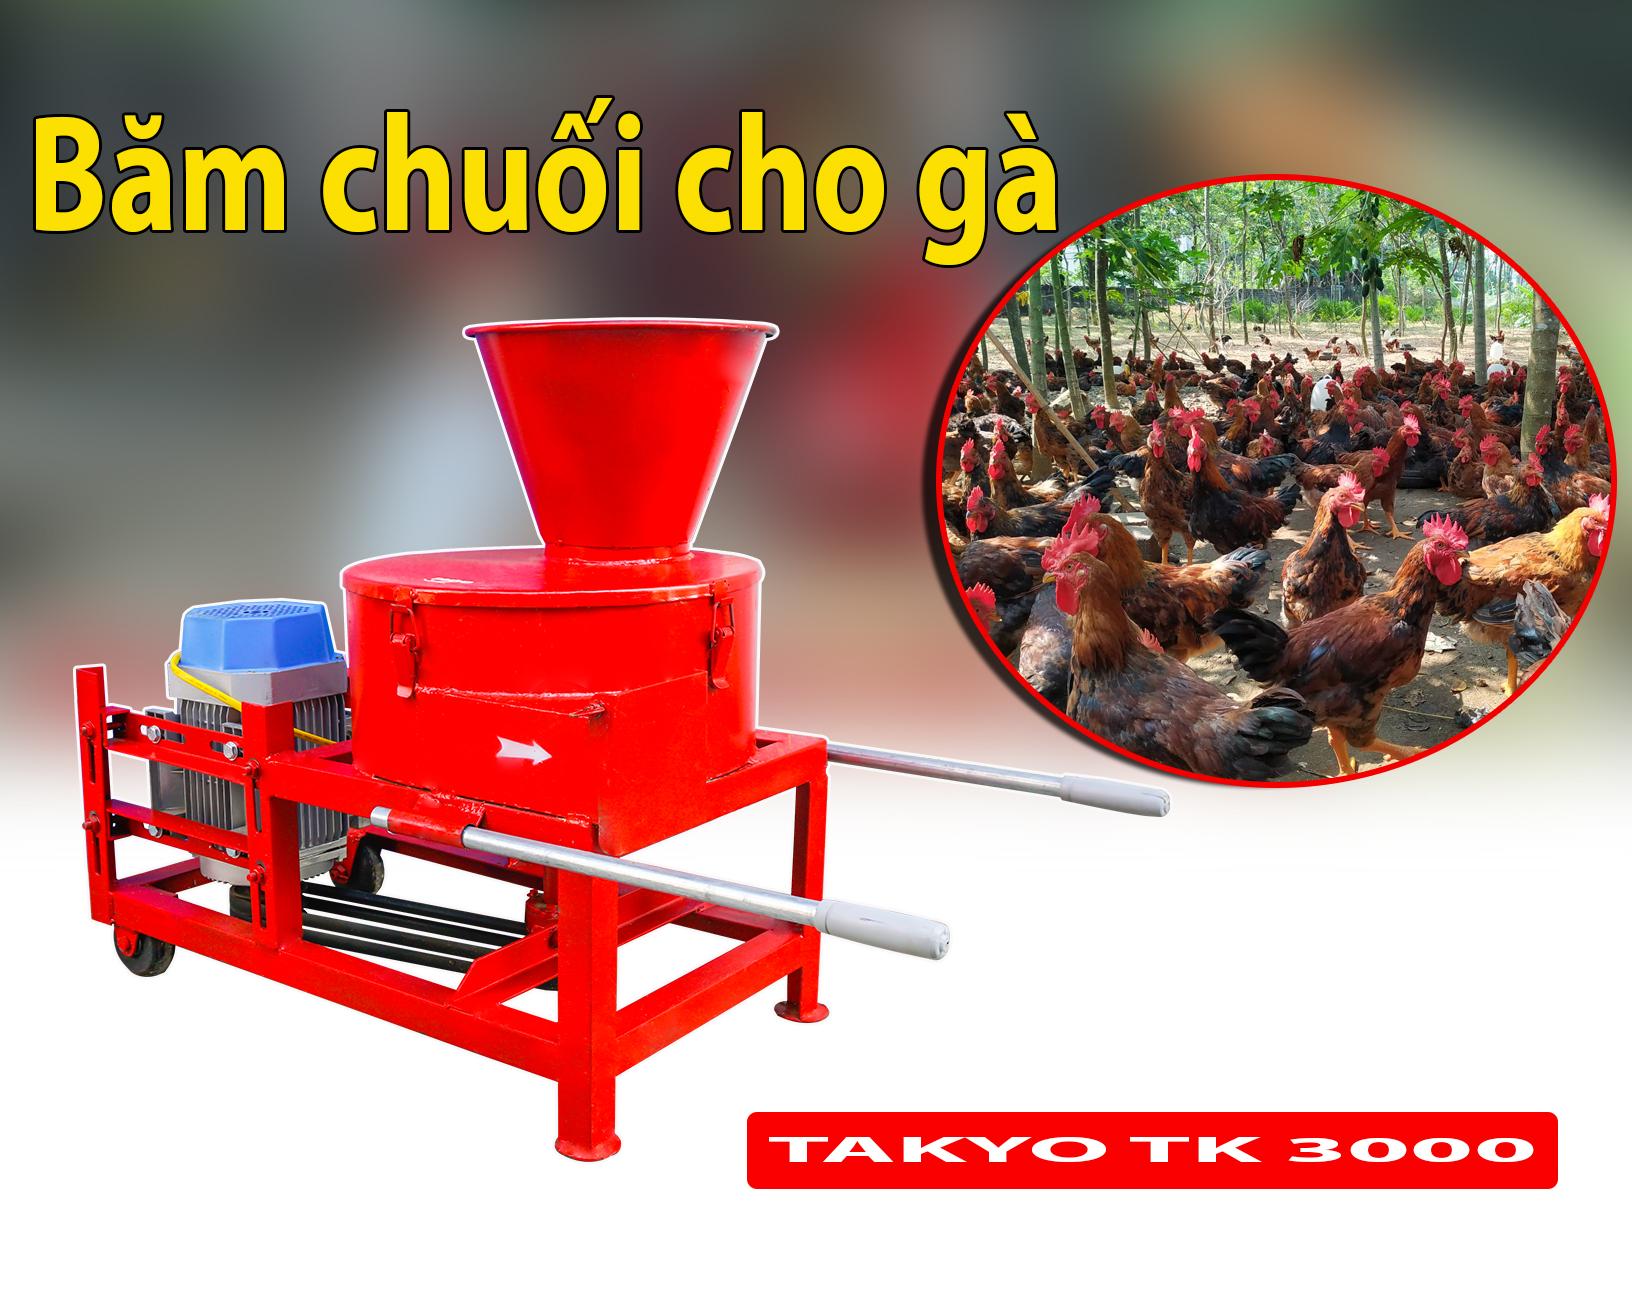 Giới thiệu máy thái chuối mịn, lựa chọn hàng đầu cho việc chăn nuôi gà, vịt